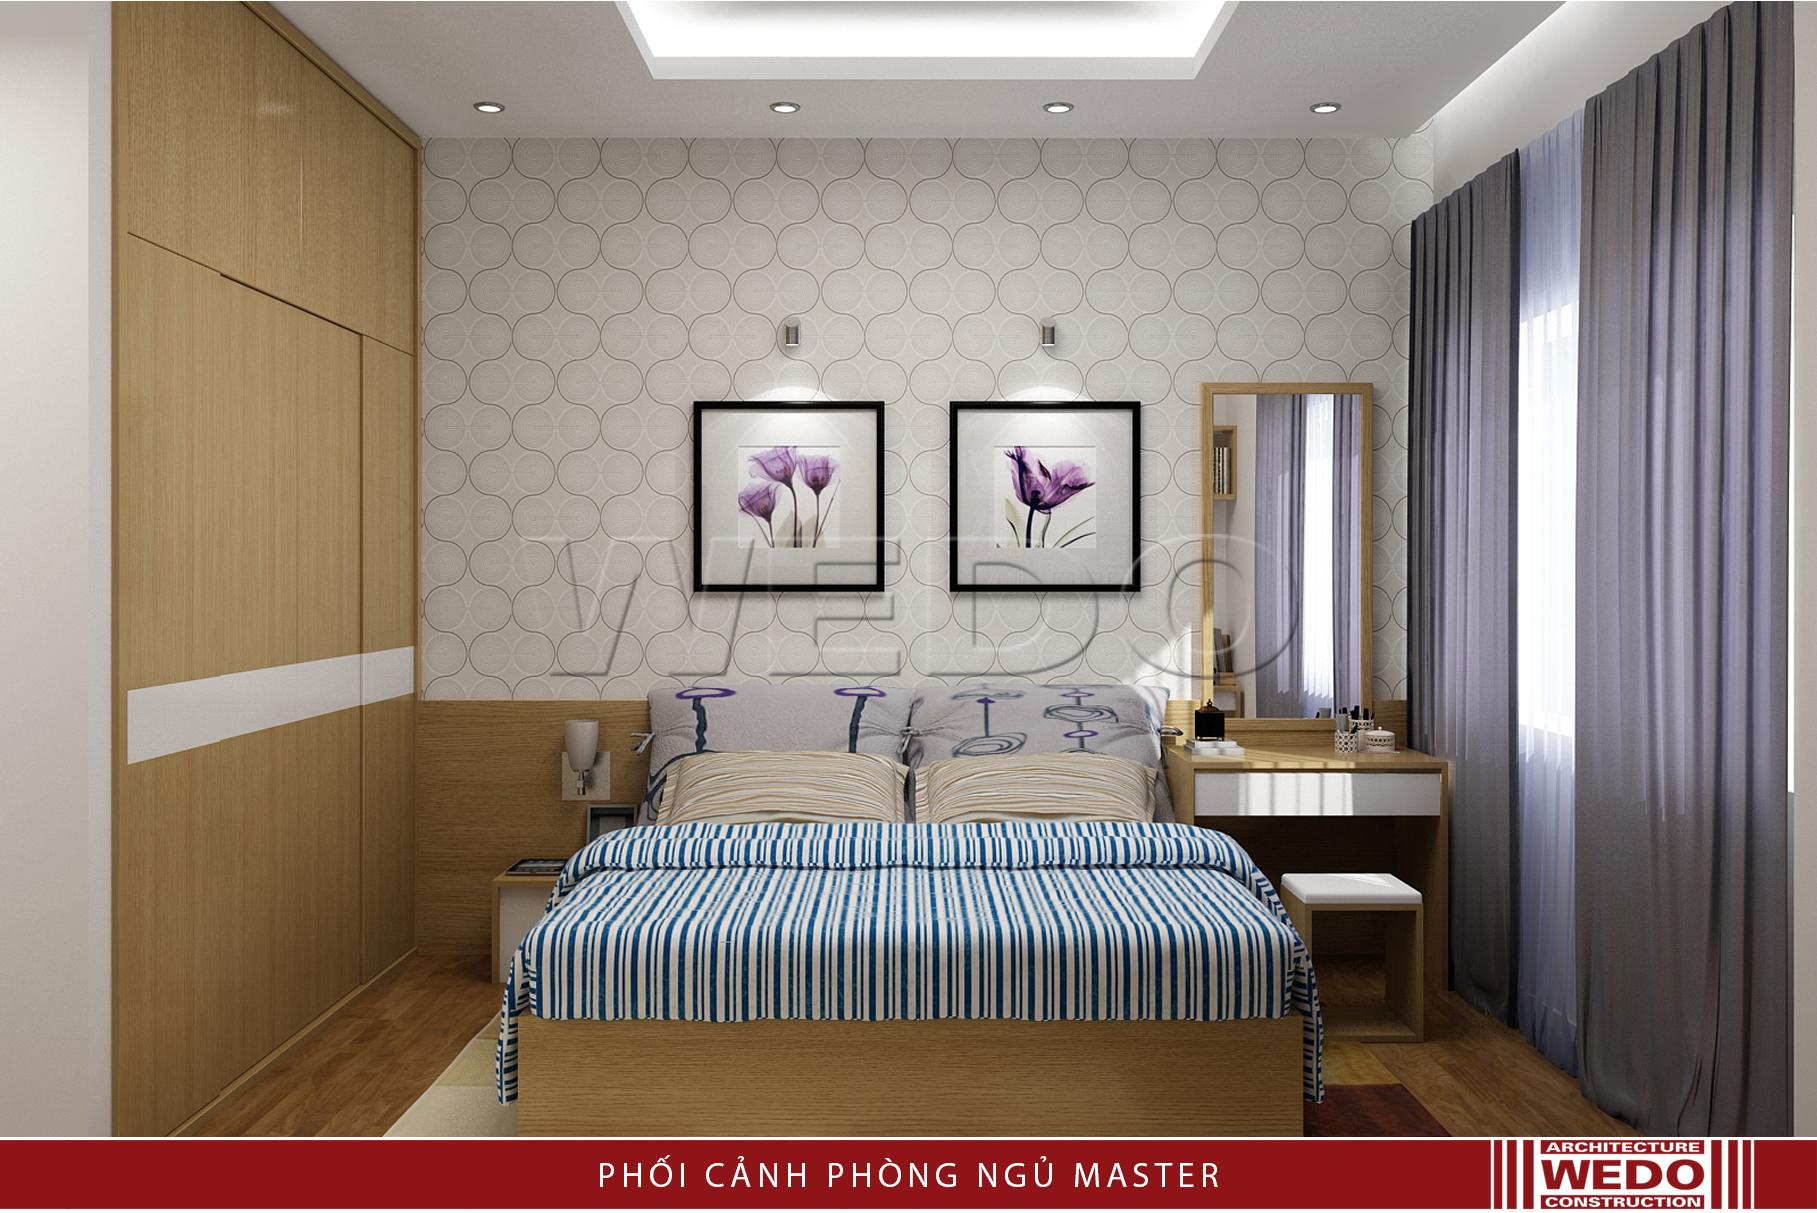 Nội thất phòng ngủ master chung cư Alphanam - 47 Vũ Trọng Phụng